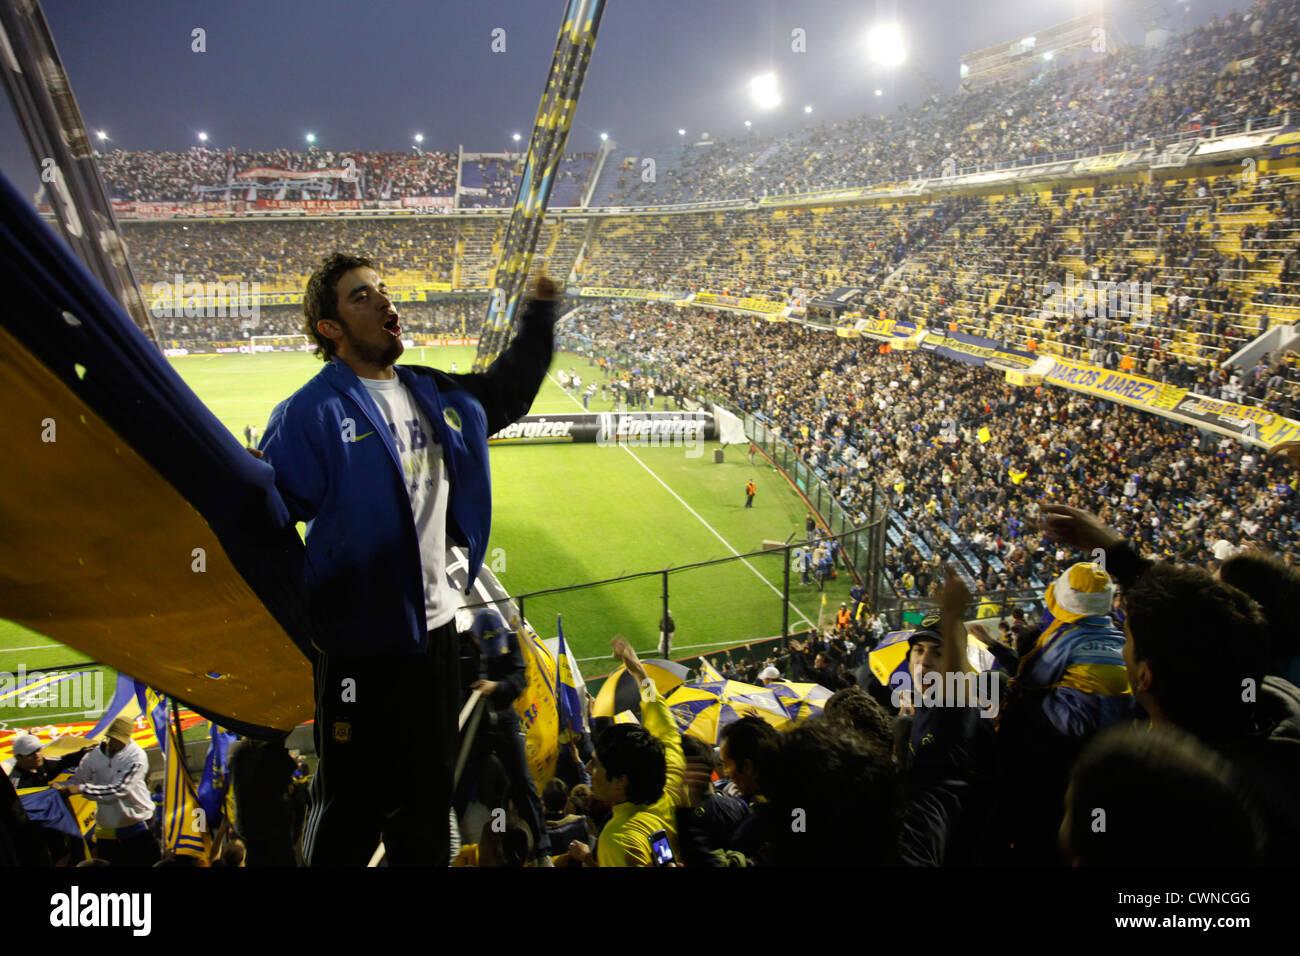 Partita di calcio del Boca Juniors alla Bombonera stadium, La Boca, Buenos Aires, Argentina. Immagini Stock